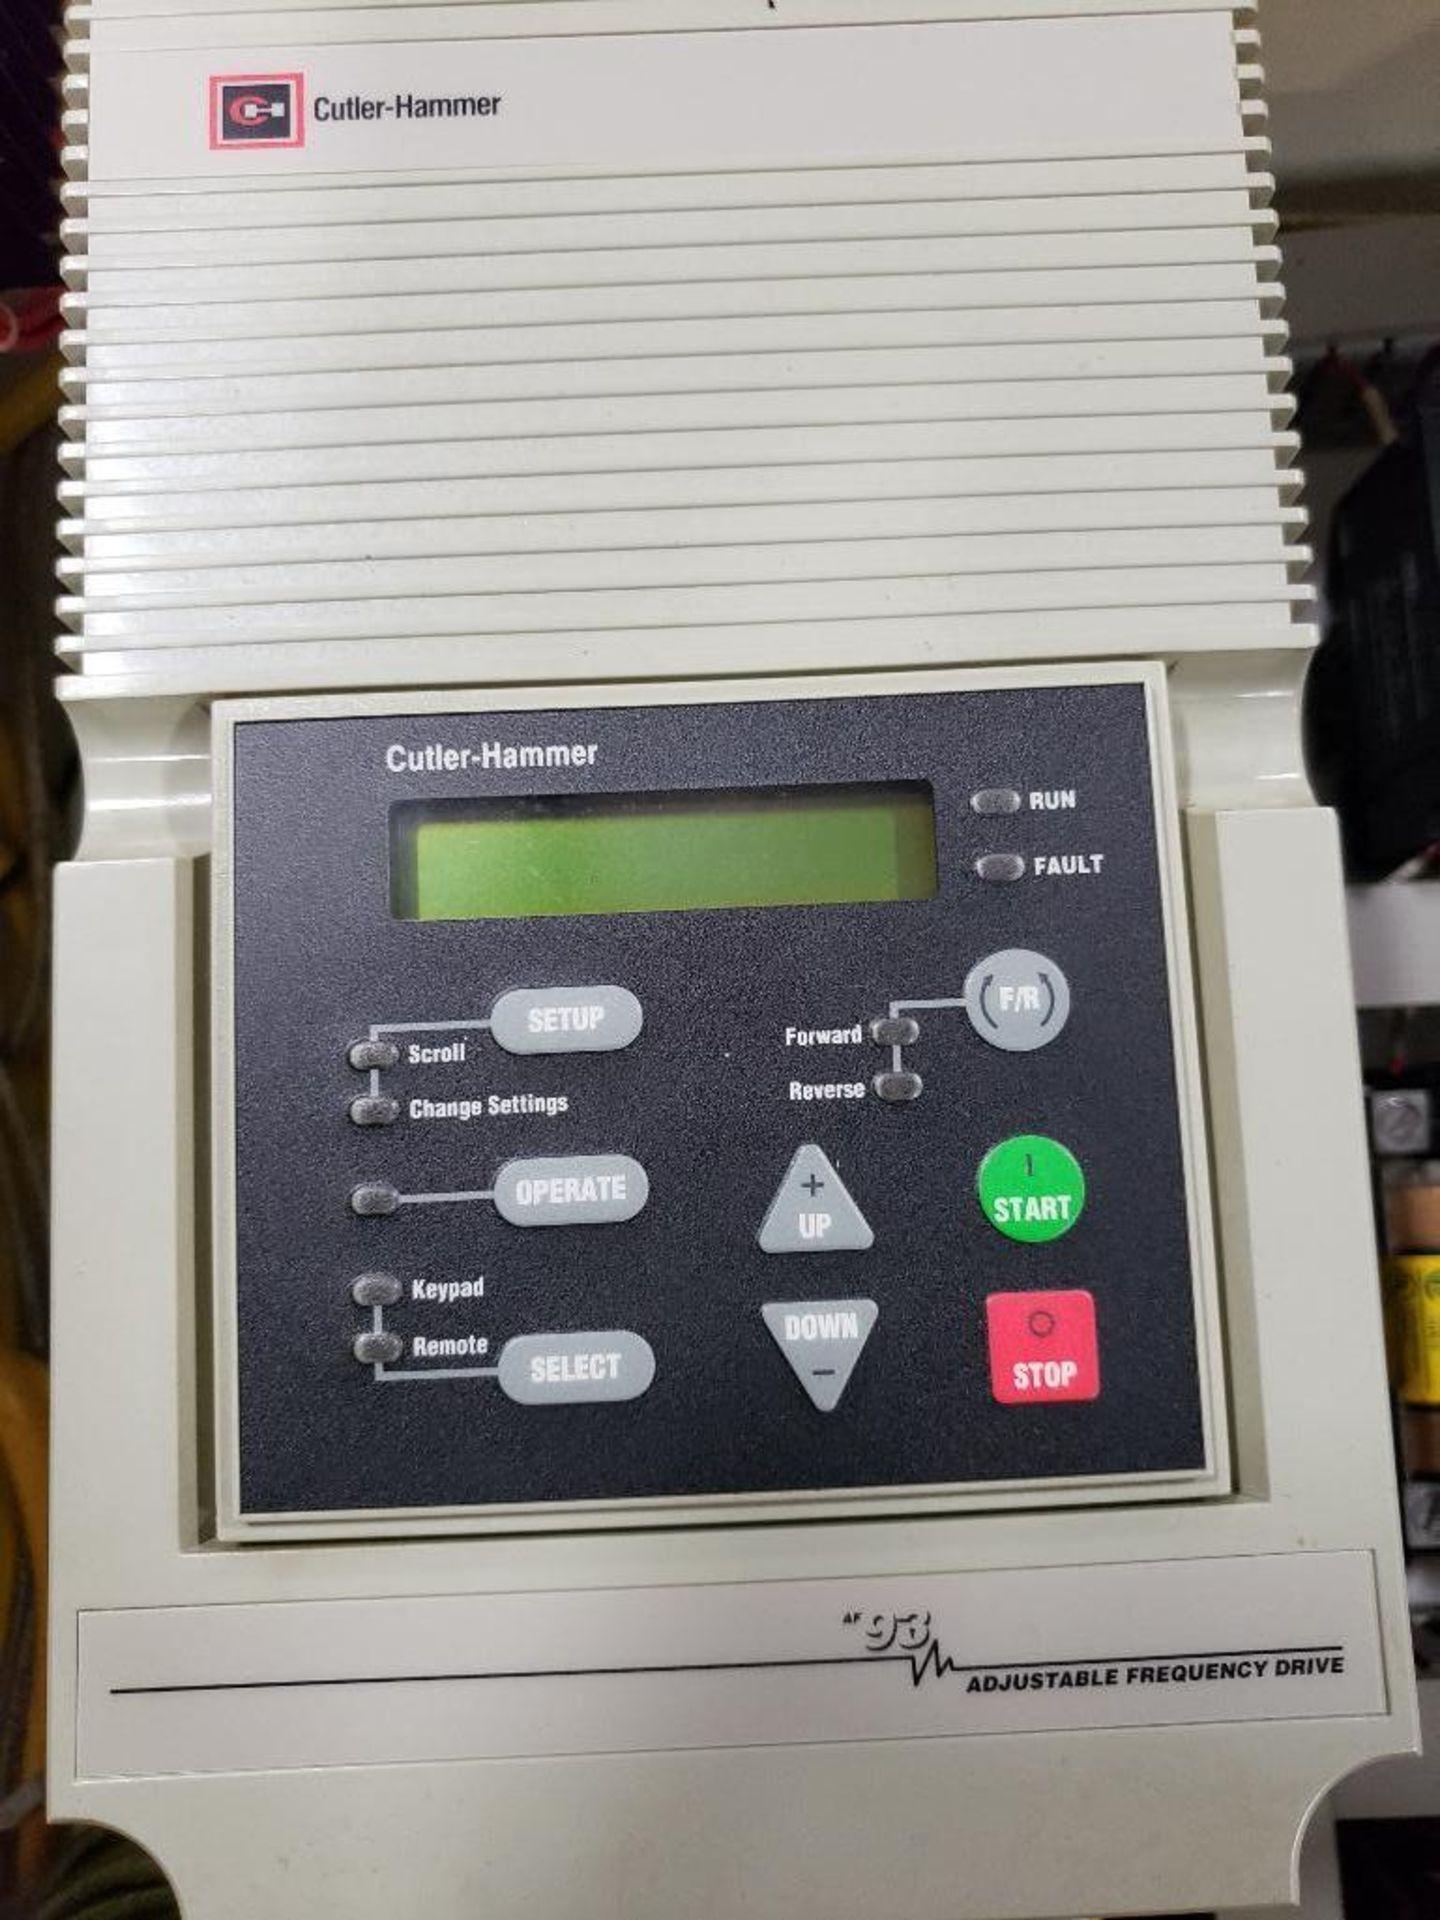 Chiller control cabinet. Hoffman enclosure, Cutler Hammer AF93AG0B007D drive, Allen Bradley drive. - Image 17 of 35